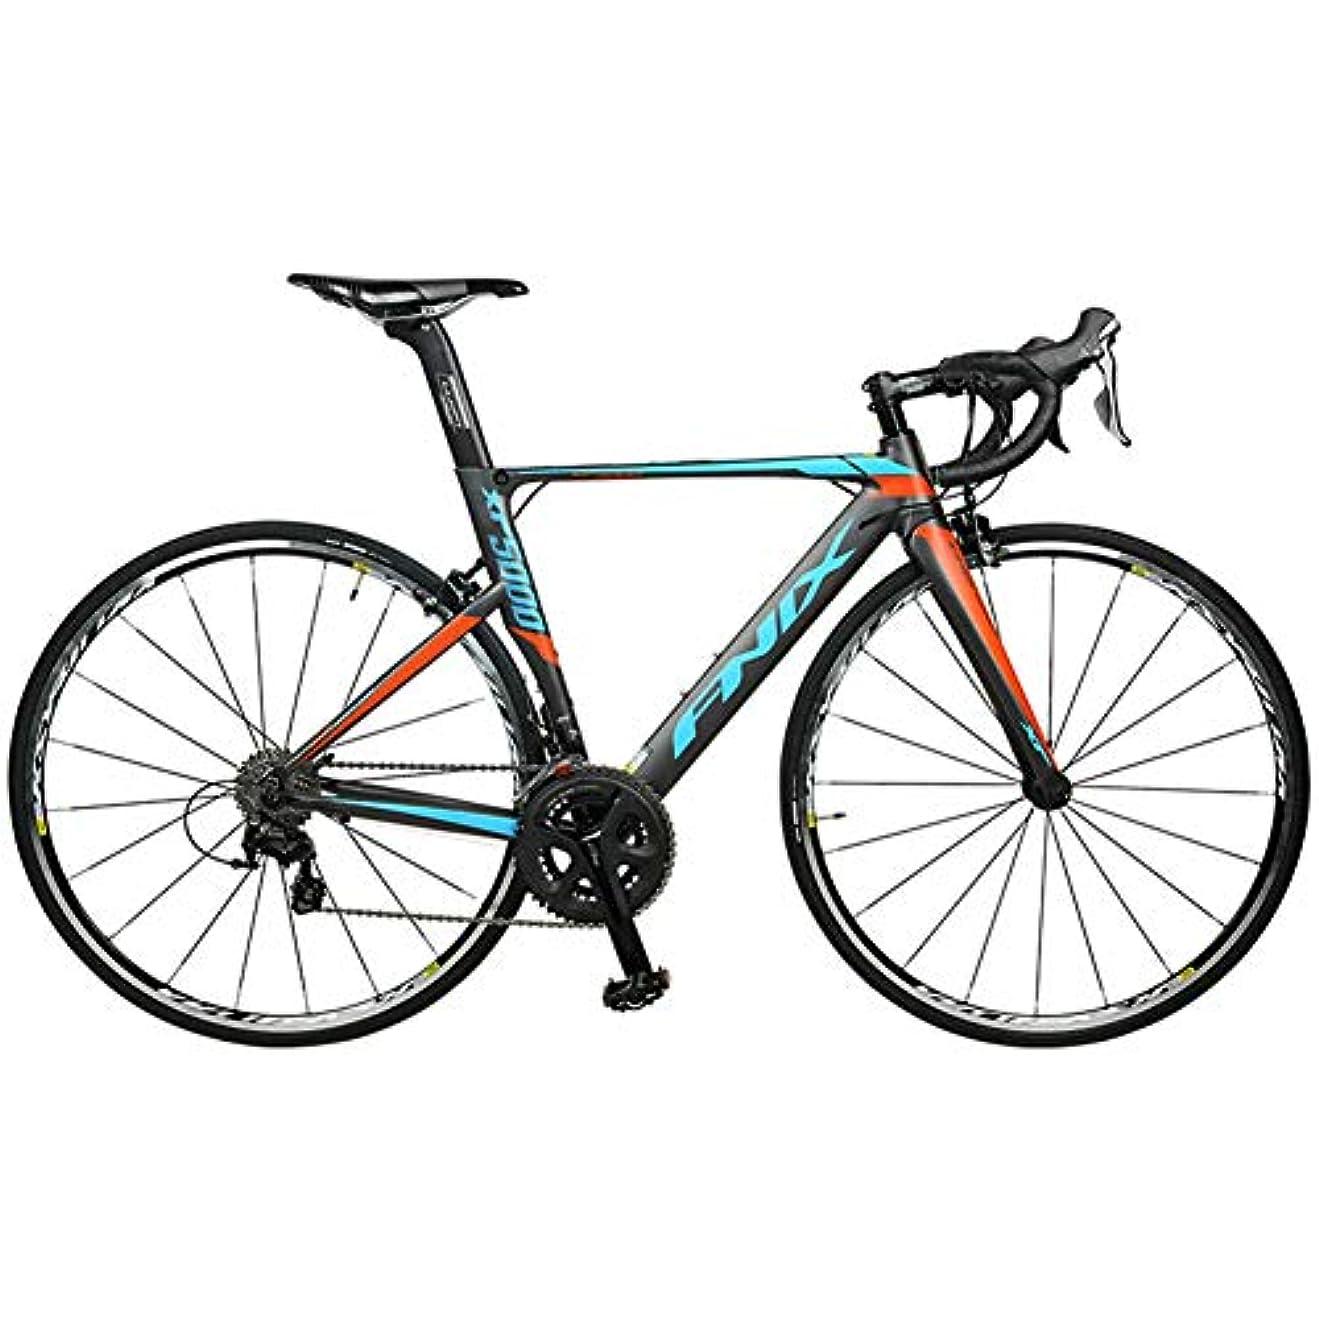 夢中悲観的アルファベット順ロードバイク、22スピード軽量アルミニウムロード自転車、成人男性女性レーシング自転車、カーボンファイバーフォーク、シティコミューター自転車,グレー,470